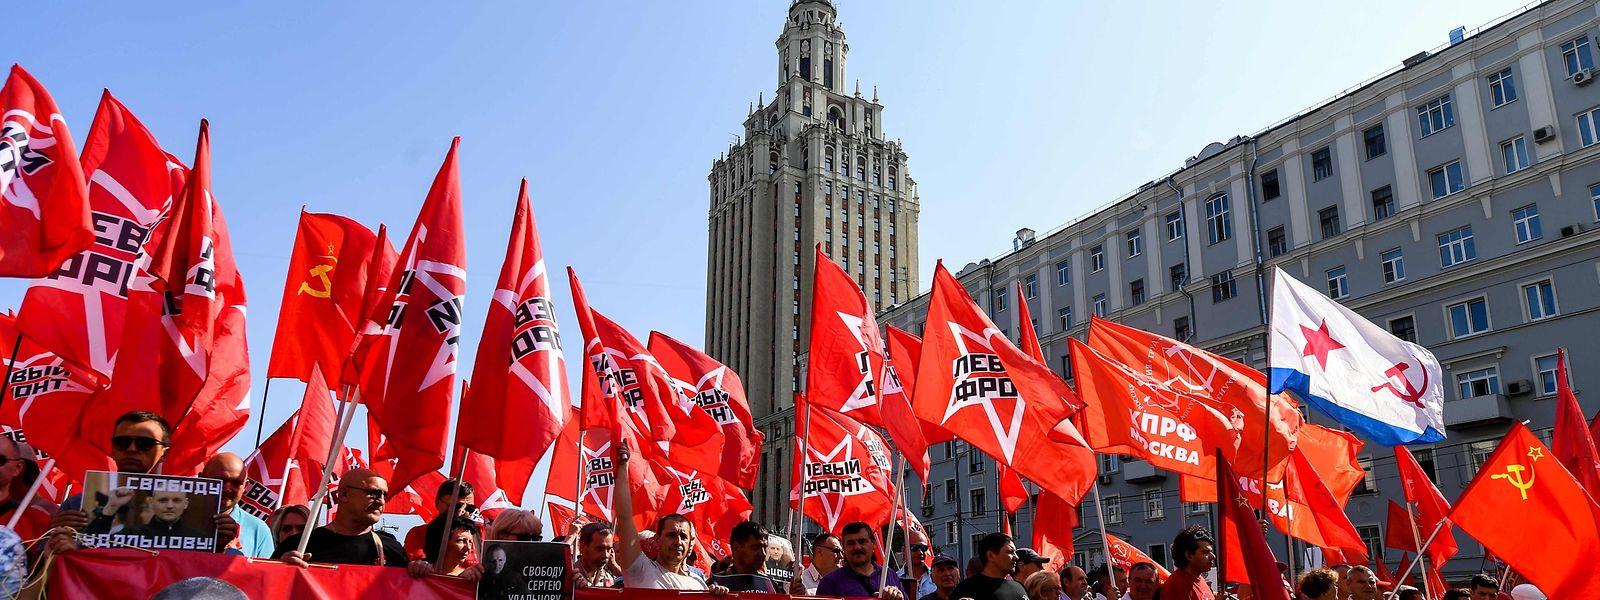 Vor allem die kommunistische Partei schlägt Kapital aus dem Unmut der russischen Bürger.